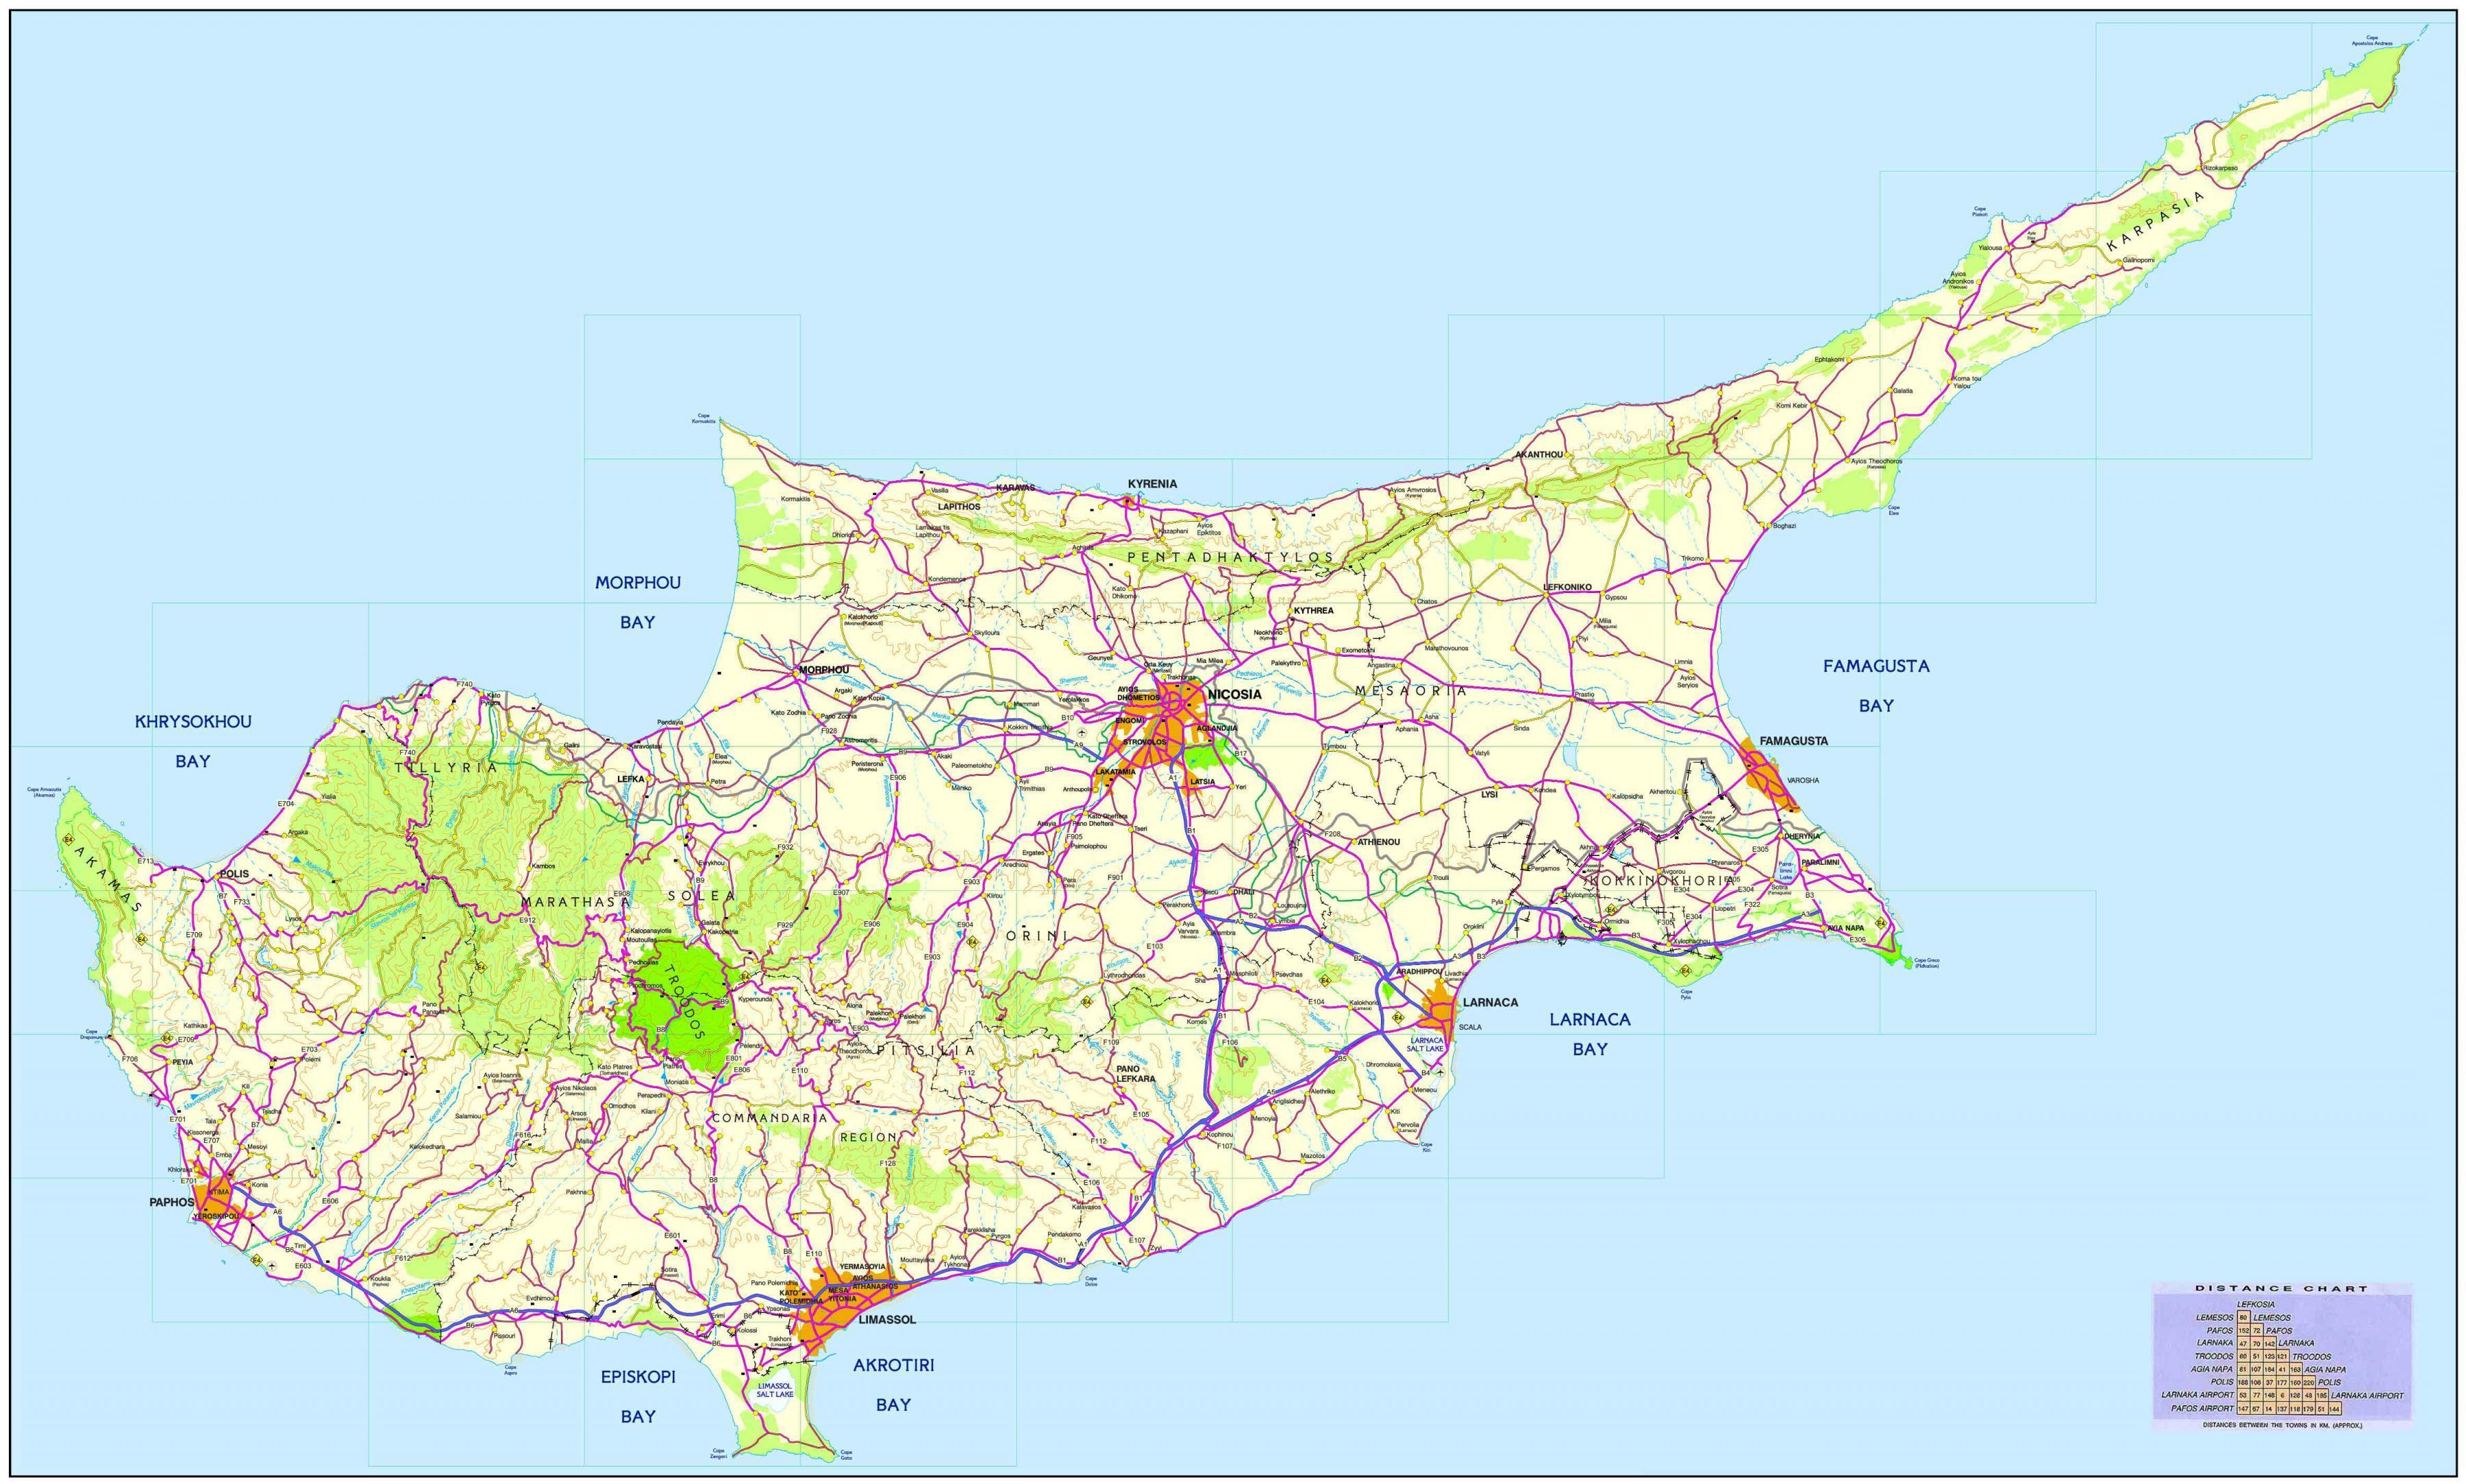 Putokaz Cipar Karta Cesta Cipra Juzna Europa Europa